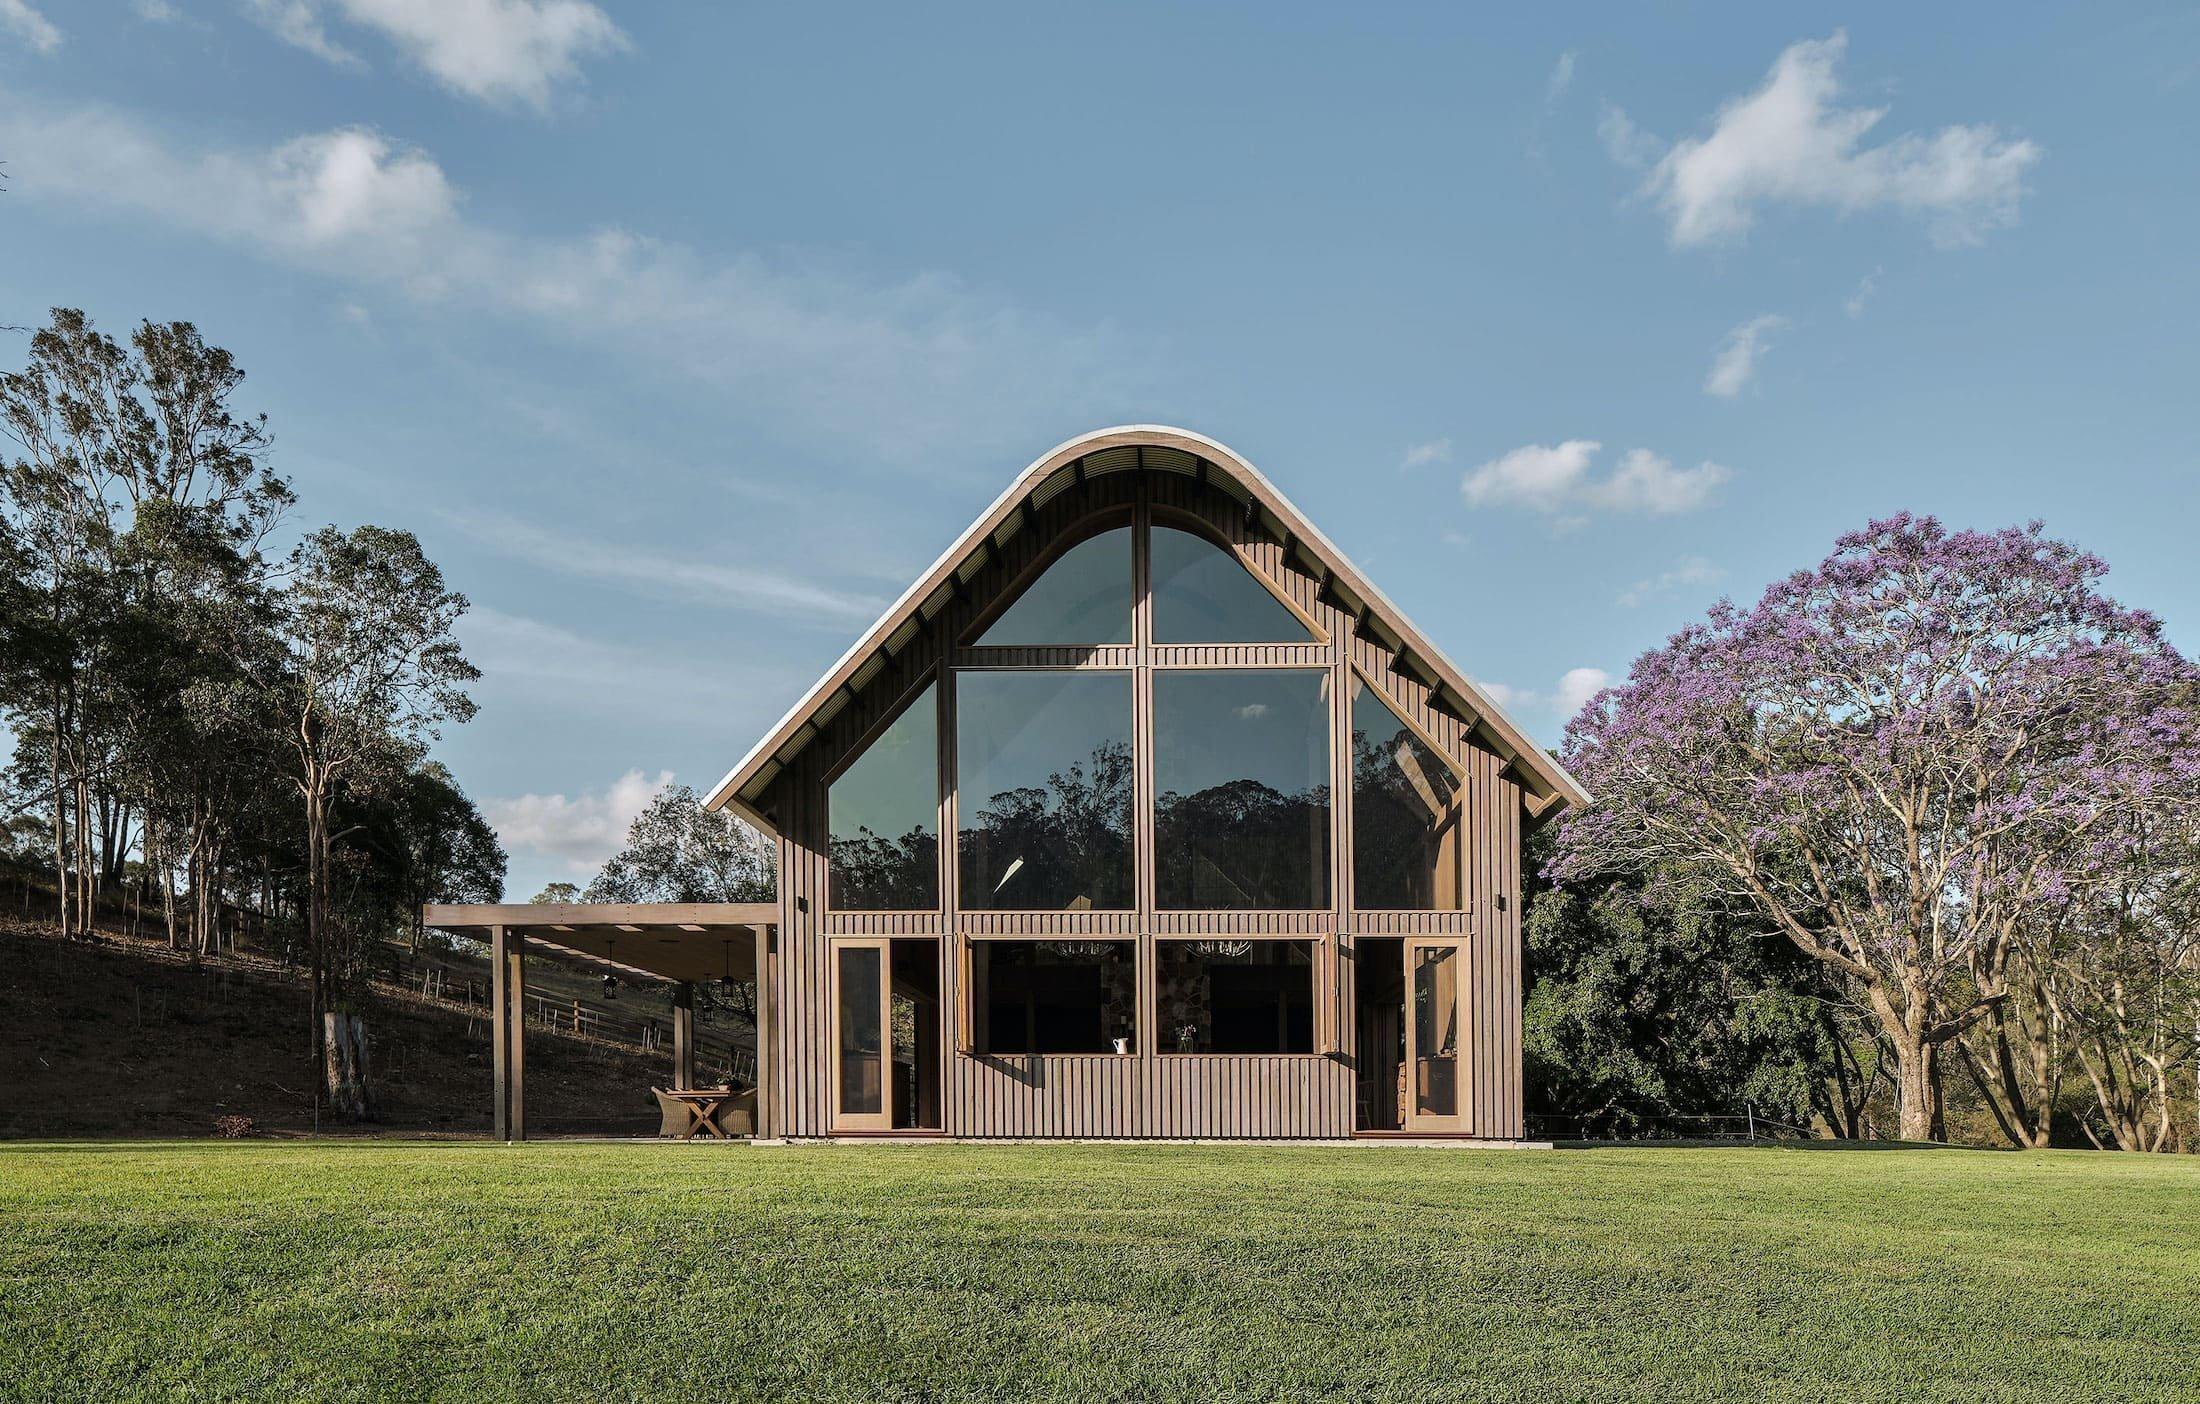 V třetím největším městě Austrálie, v Brisbane, získala druhou šanci citlivě zrekonstruovaná stodola. Ukrytá mezi stromy na první pohled zaujme otevřenými prostory plnými slunce a přírodních materiálů.